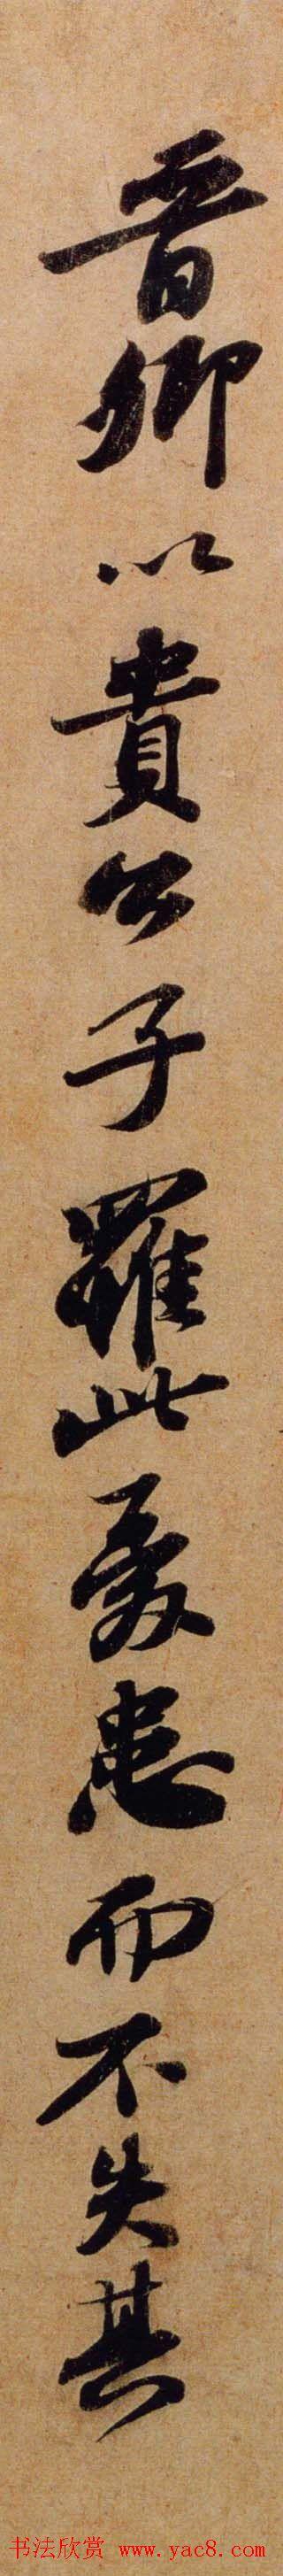 苏轼行书欣赏《题王晋卿诗帖》